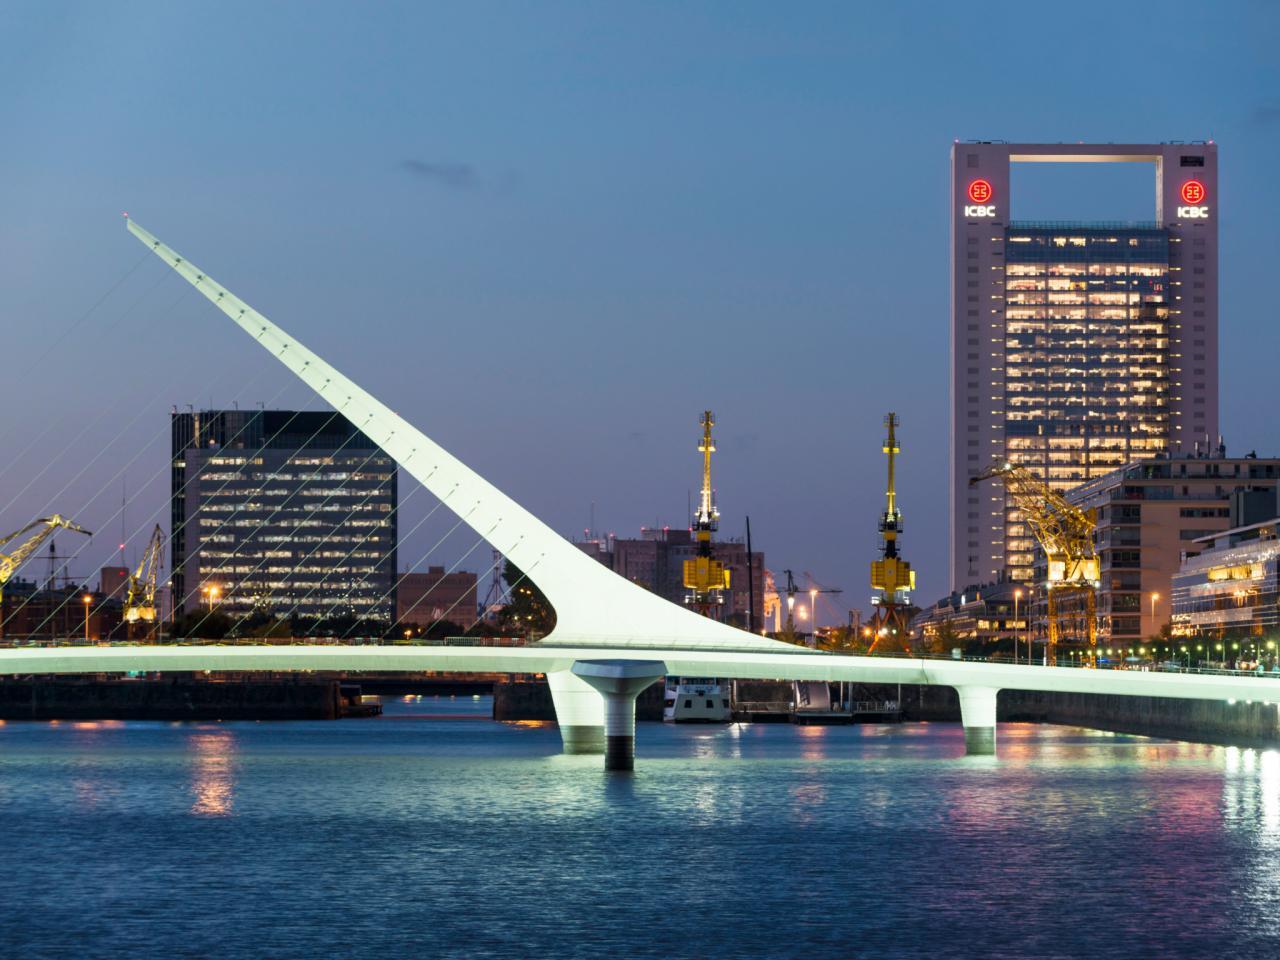 puente-de-la-mujer-buenos-aires-argentina.jpeg